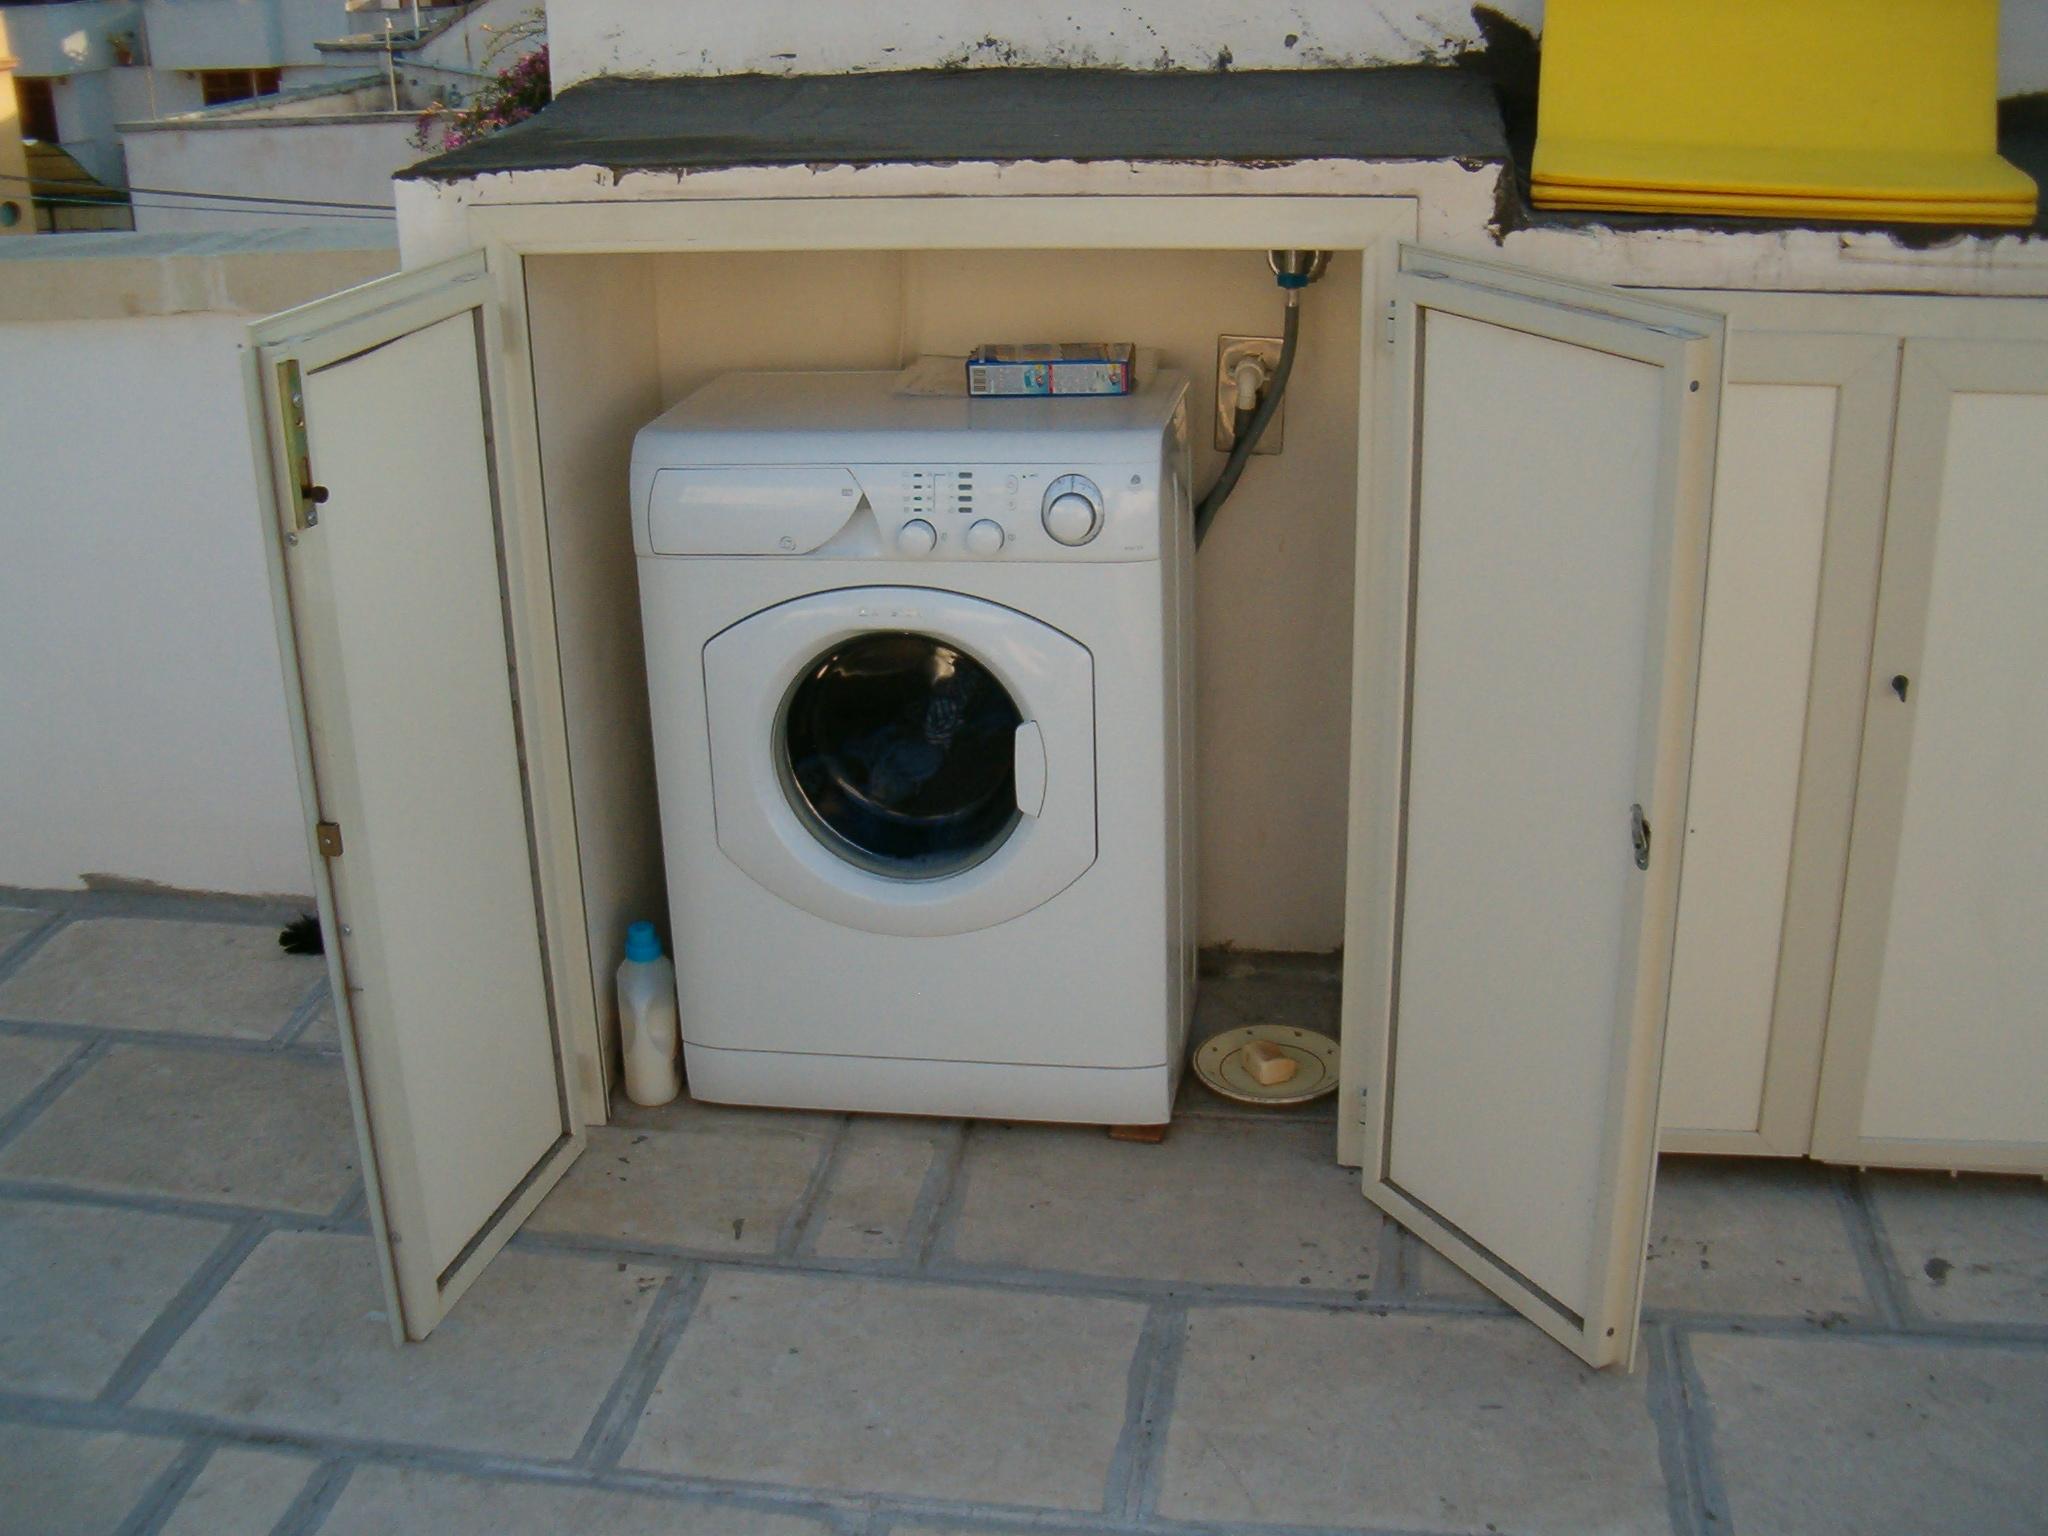 Lavatrice si rovina se in terrazza - Lavatrice per esterno ...